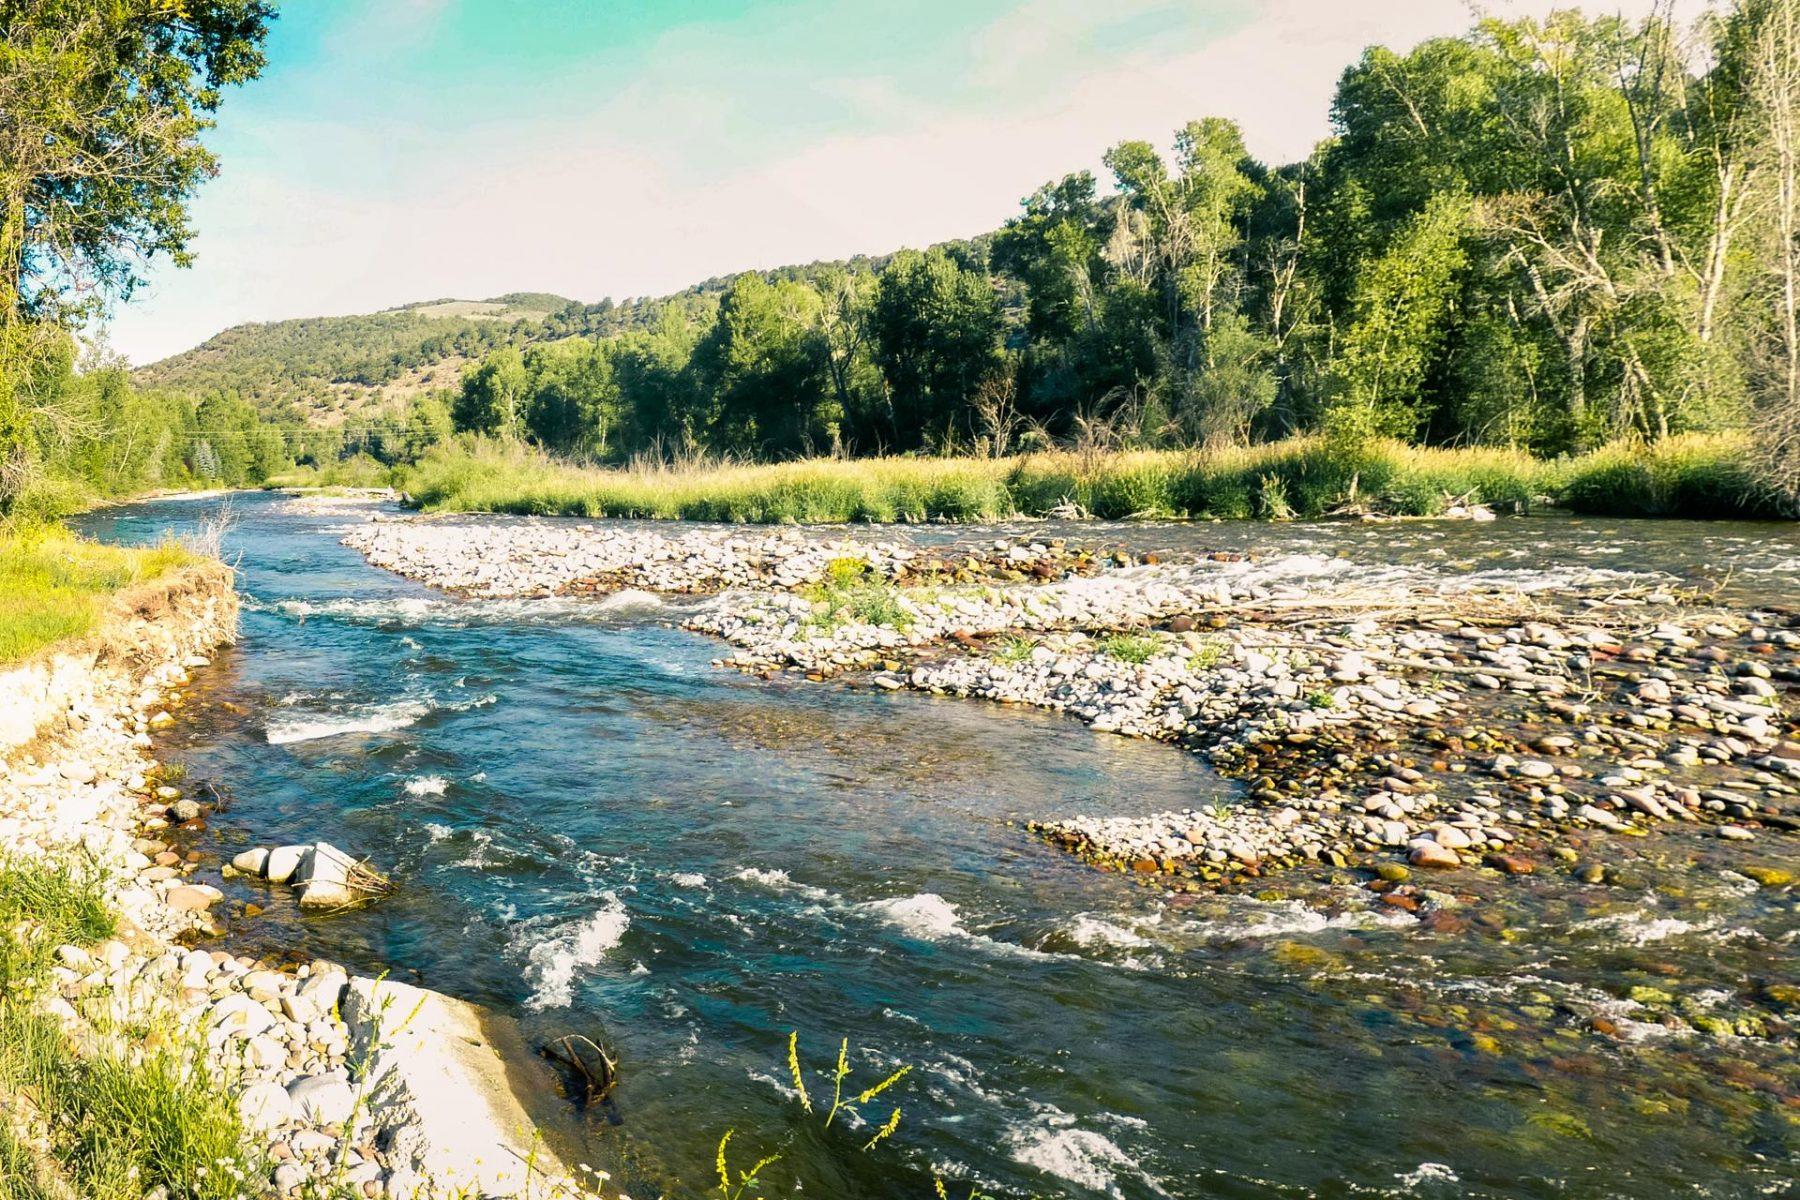 Basalt River Restoration Ecological Preservation Planning